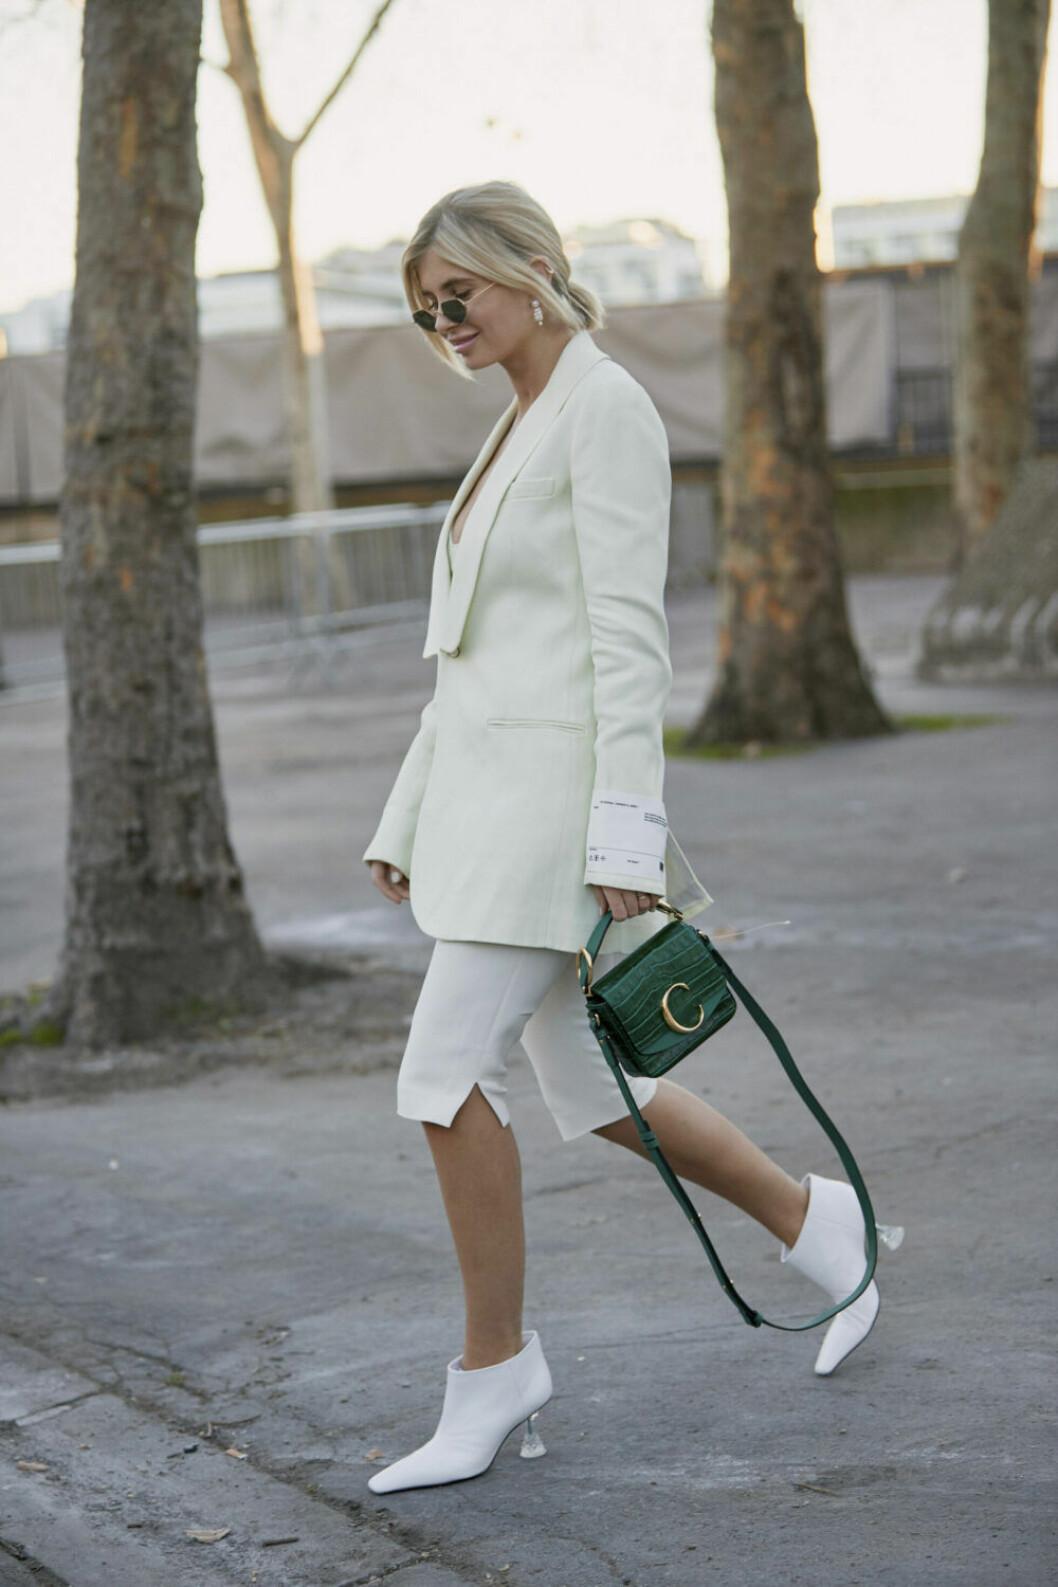 Streetstyle Paris FW, vit look med grön väska.